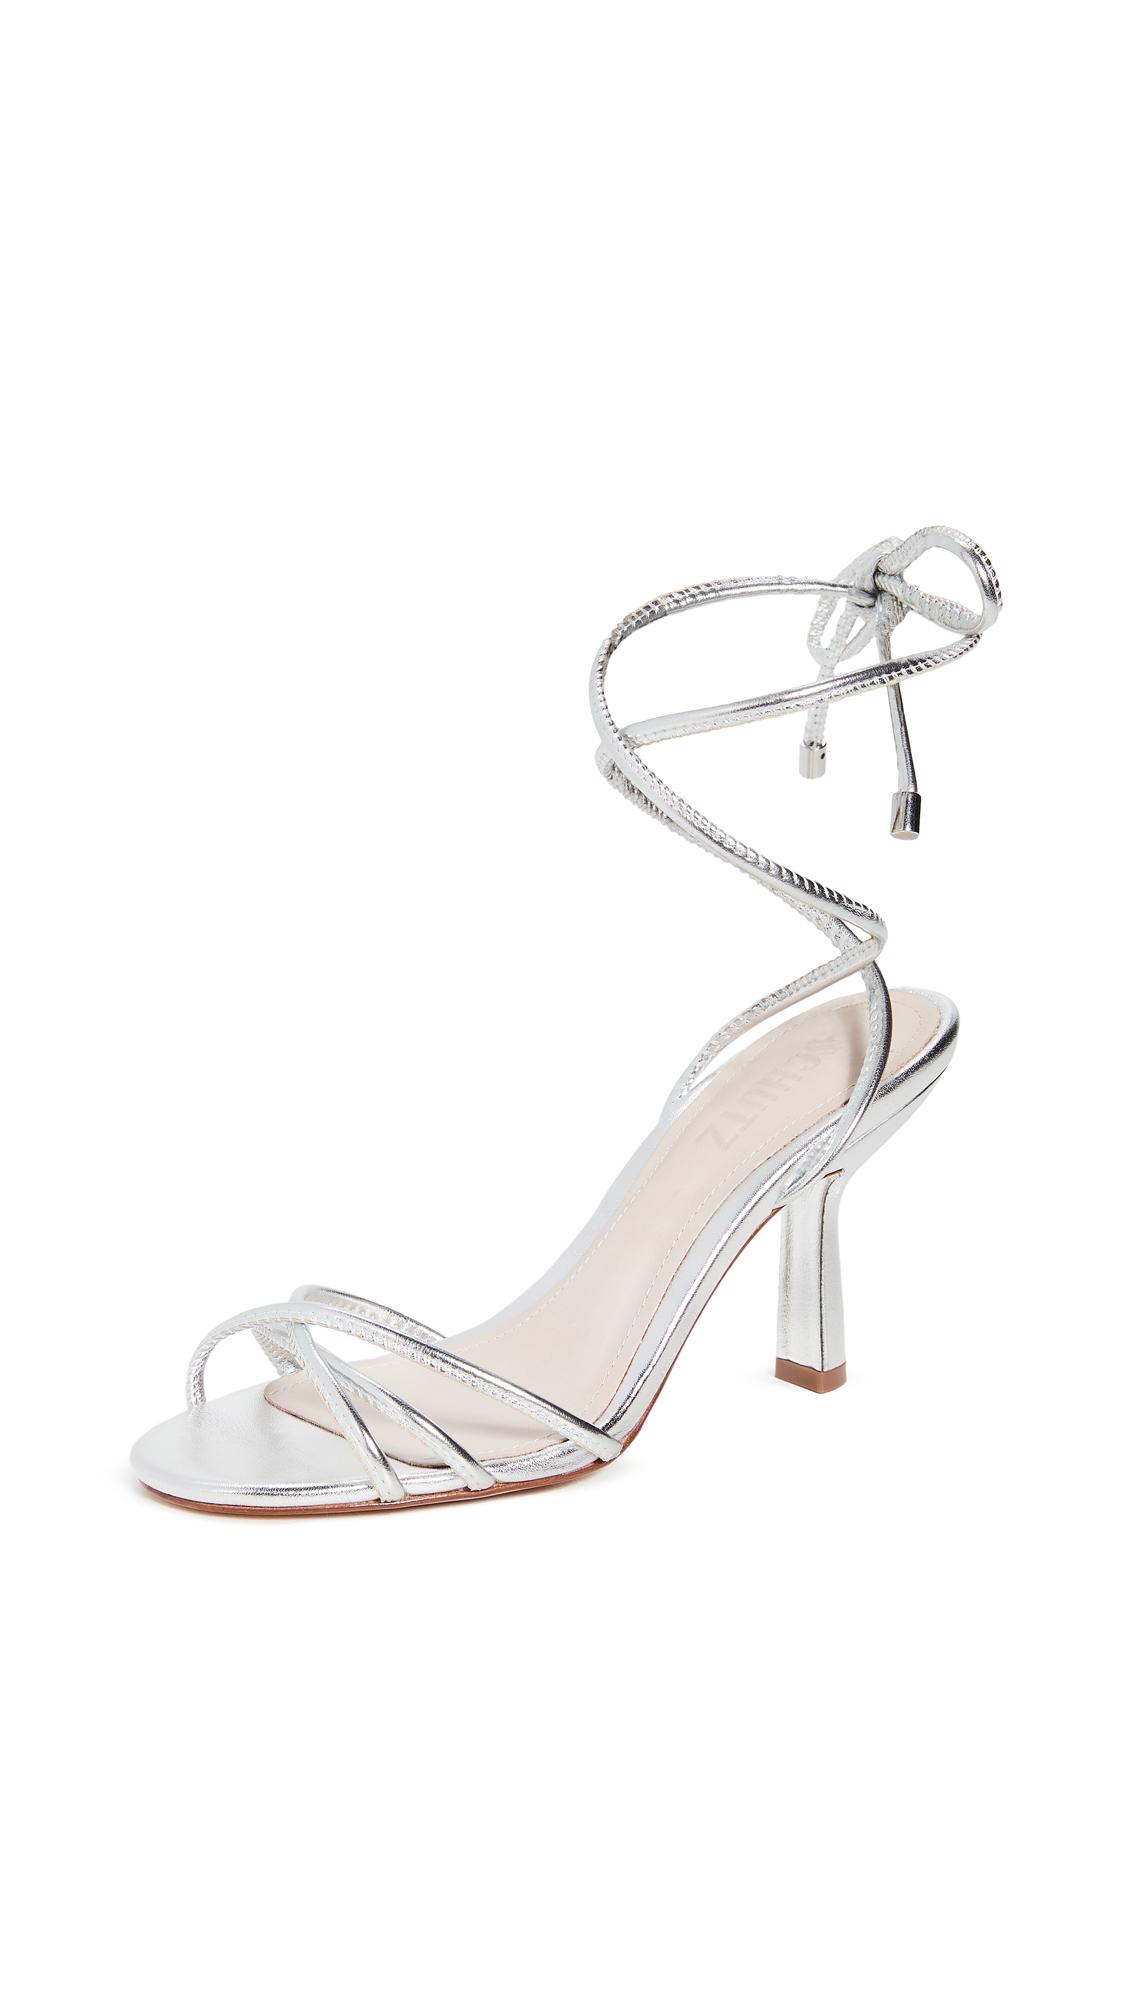 Buy Schutz Moemia Sandals online, shop Schutz